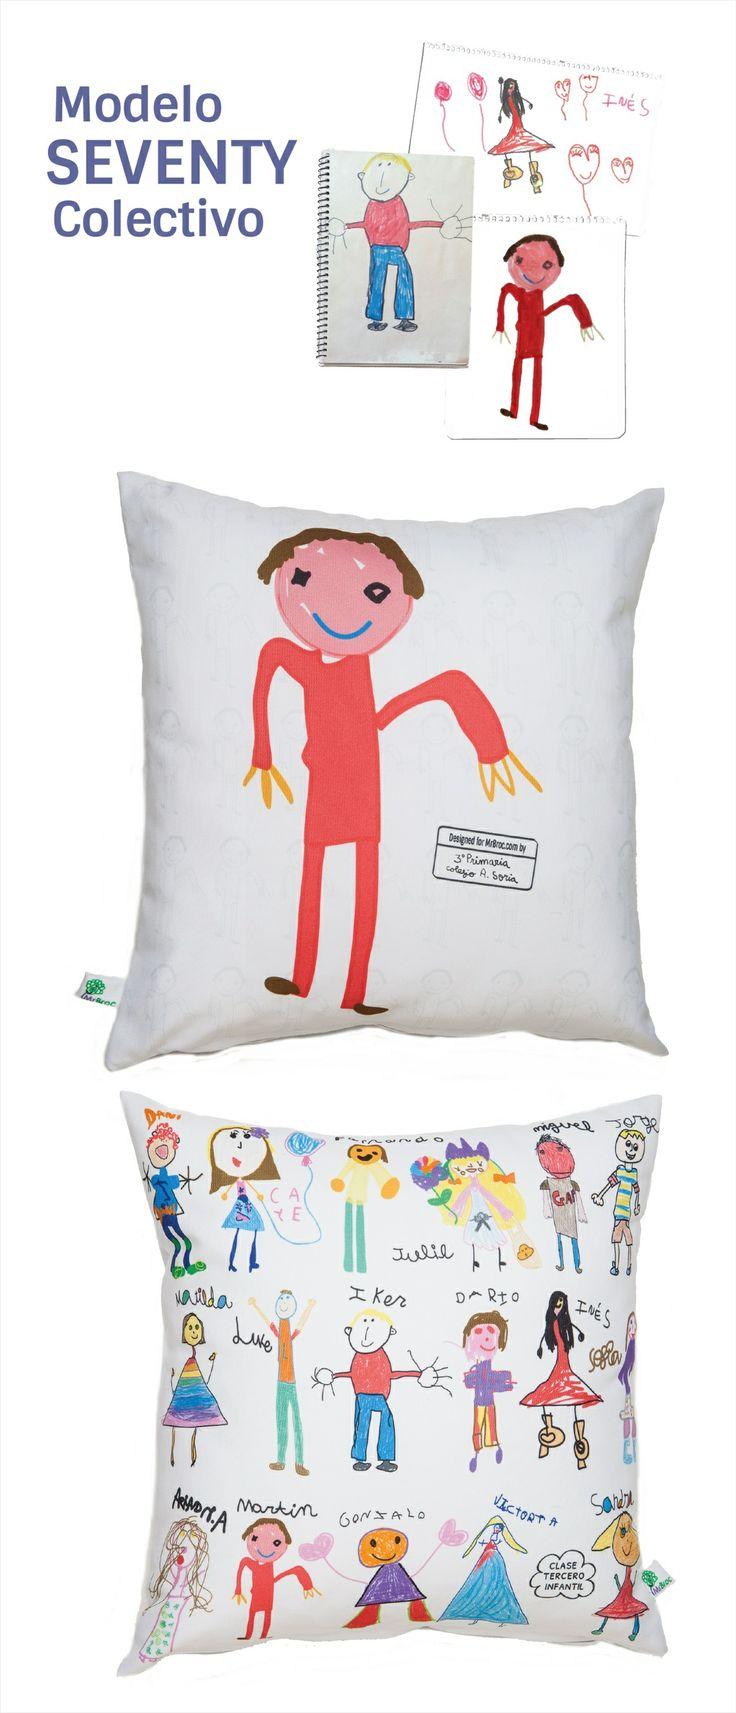 Un cojin personalizado con los dibujos de sus niños: ¿no es un regalo perfecto y único para el profe?